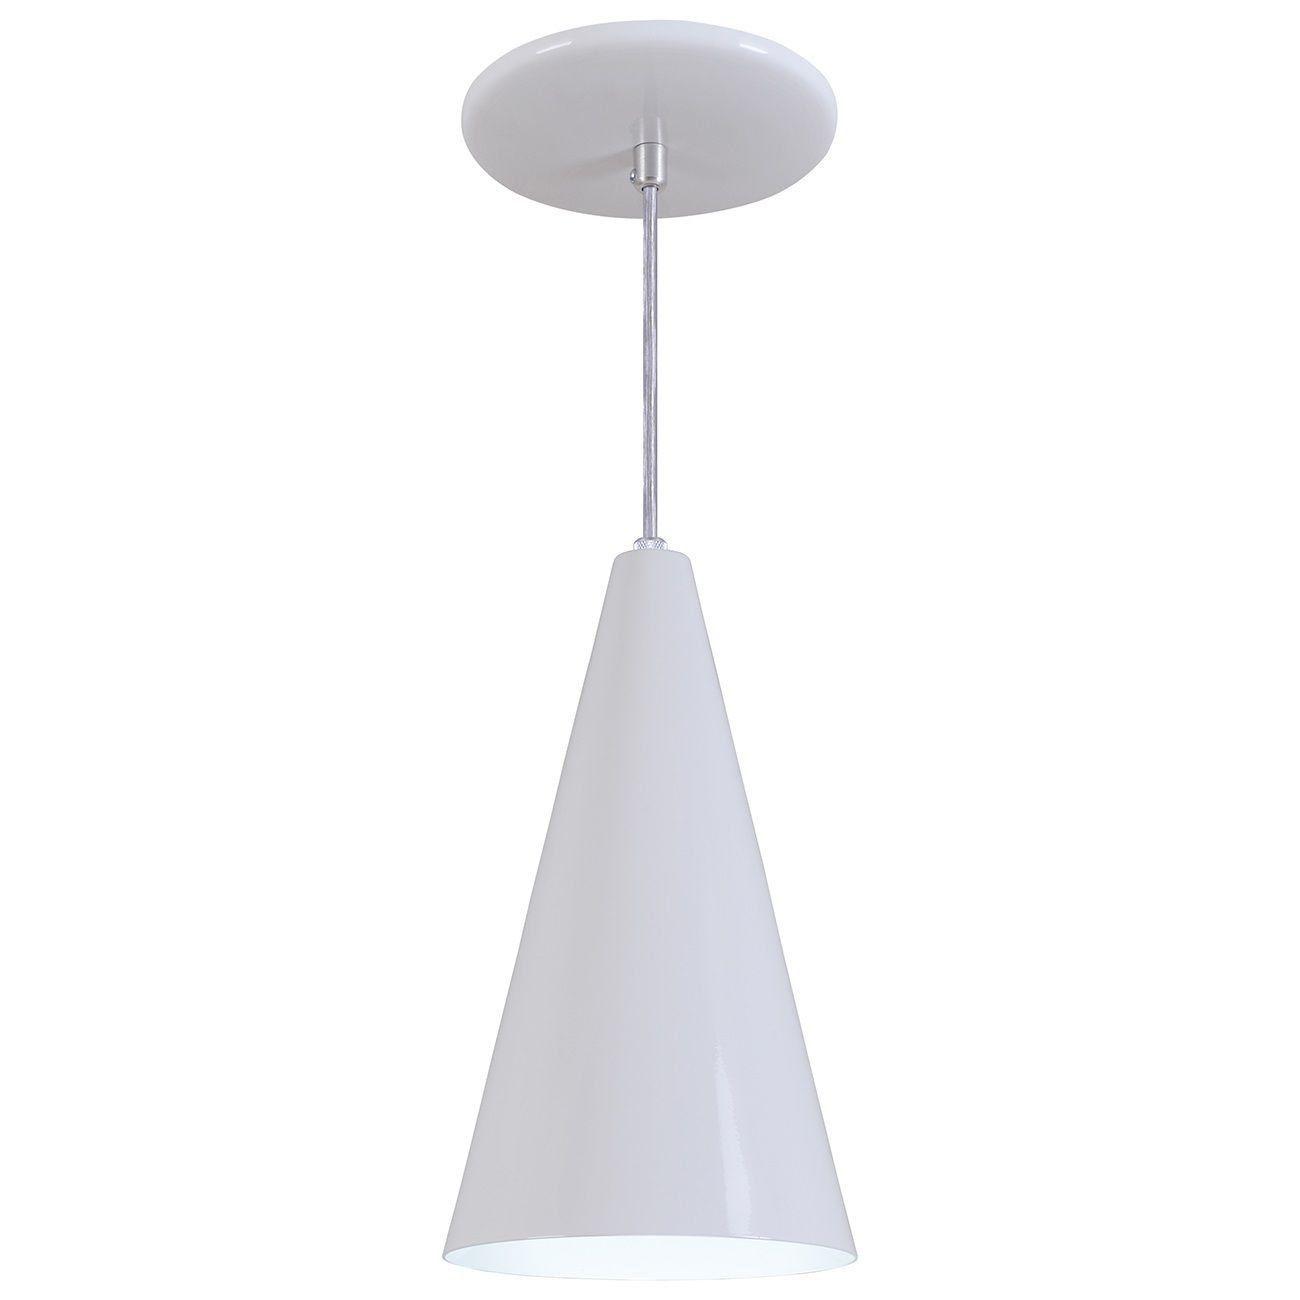 Pendente Cone Luminária Lustre Alumínio Branco Brilhante - Rei Da Iluminação